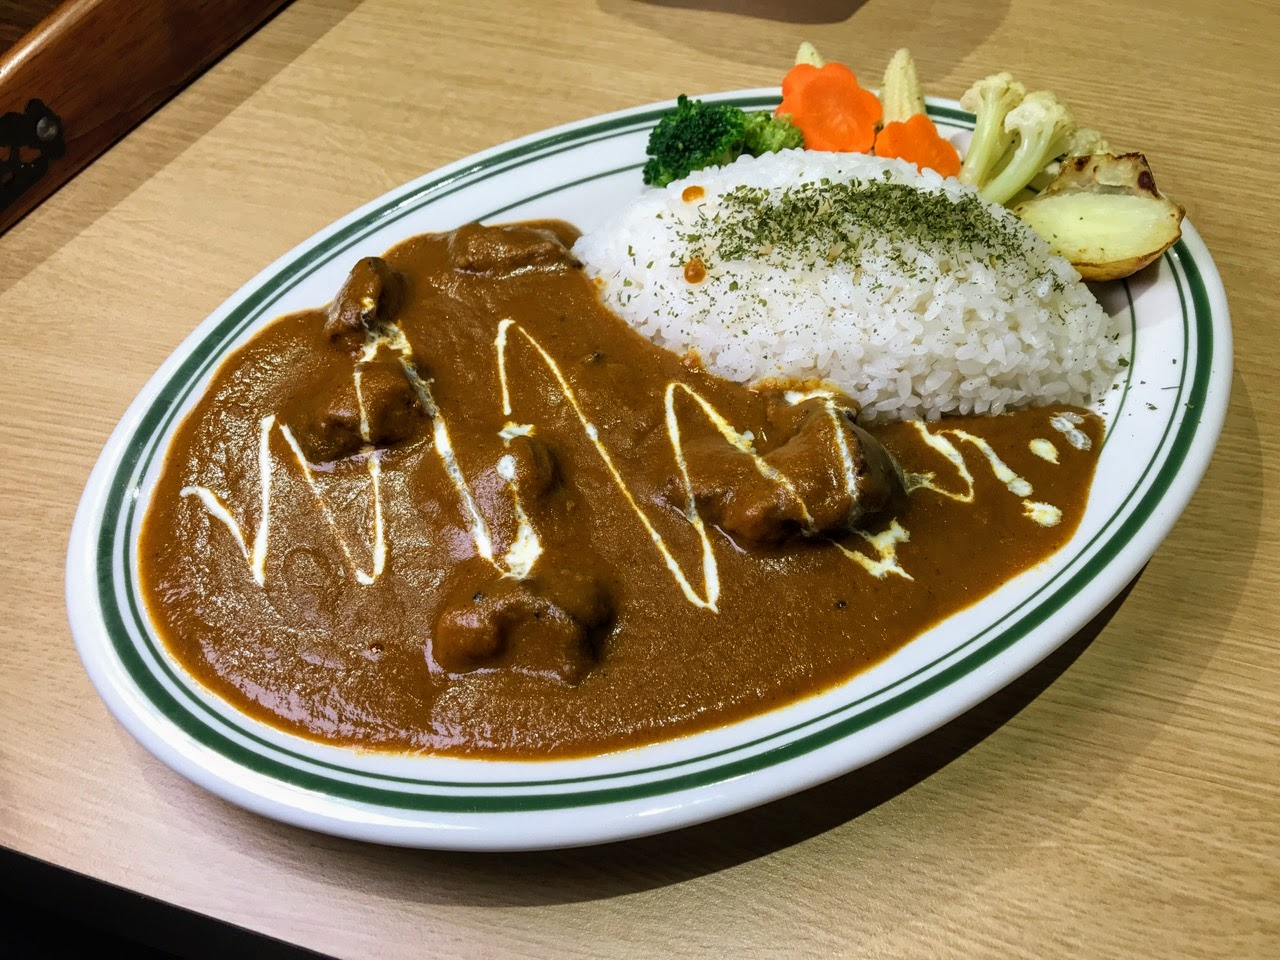 【台南|中西區】Hi!咖哩|燒烤×咖哩的美饌|咖哩與燒烤的合奏樂章